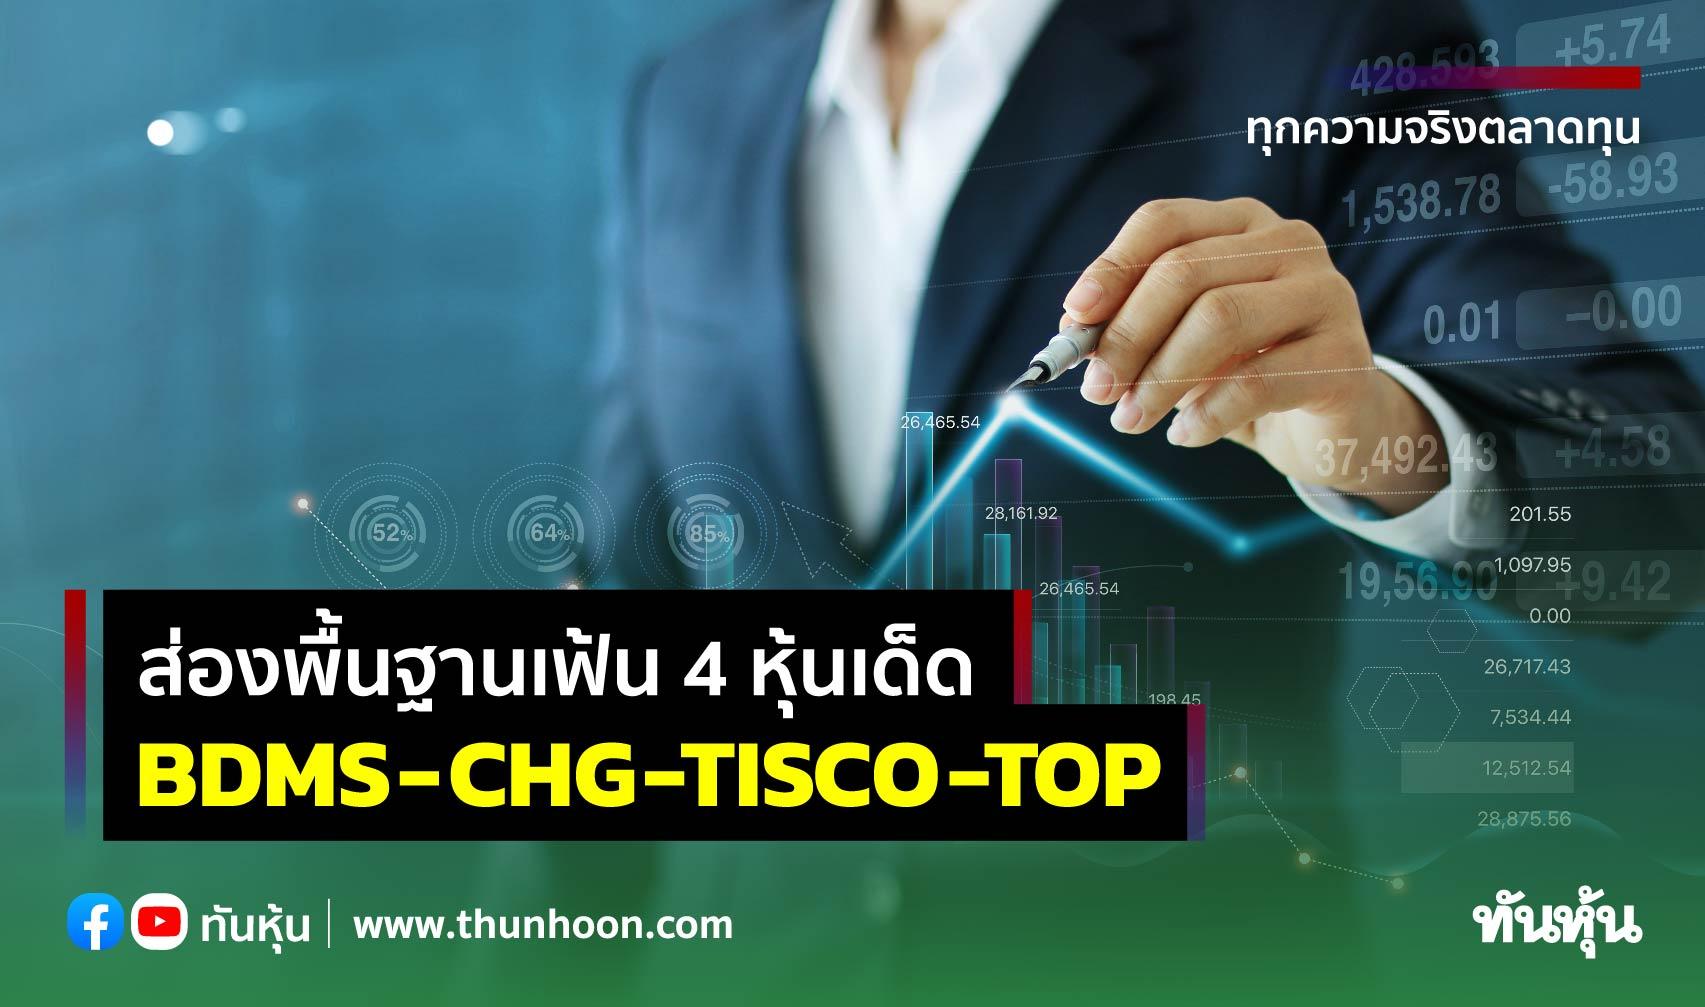 ส่องพื้นฐานเฟ้น 4 หุ้นเด็ด BDMS-CHG-TISCO-TOP